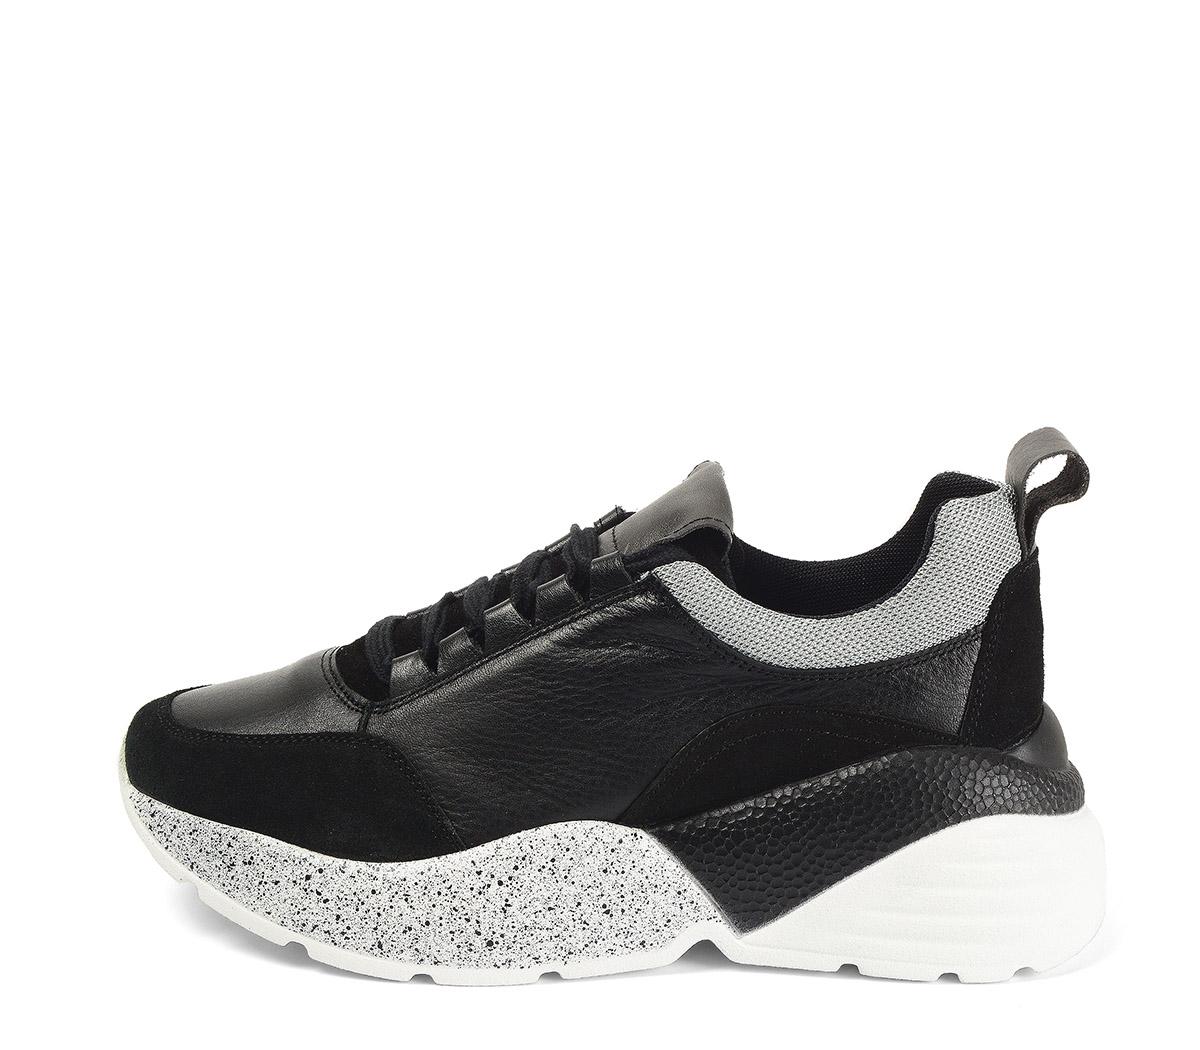 Ref. 4030 Sneaker piel negra combinada con serraje negro. Cordones negros. Suela combinada en negro y blanco con altura trasera de 6 cm.